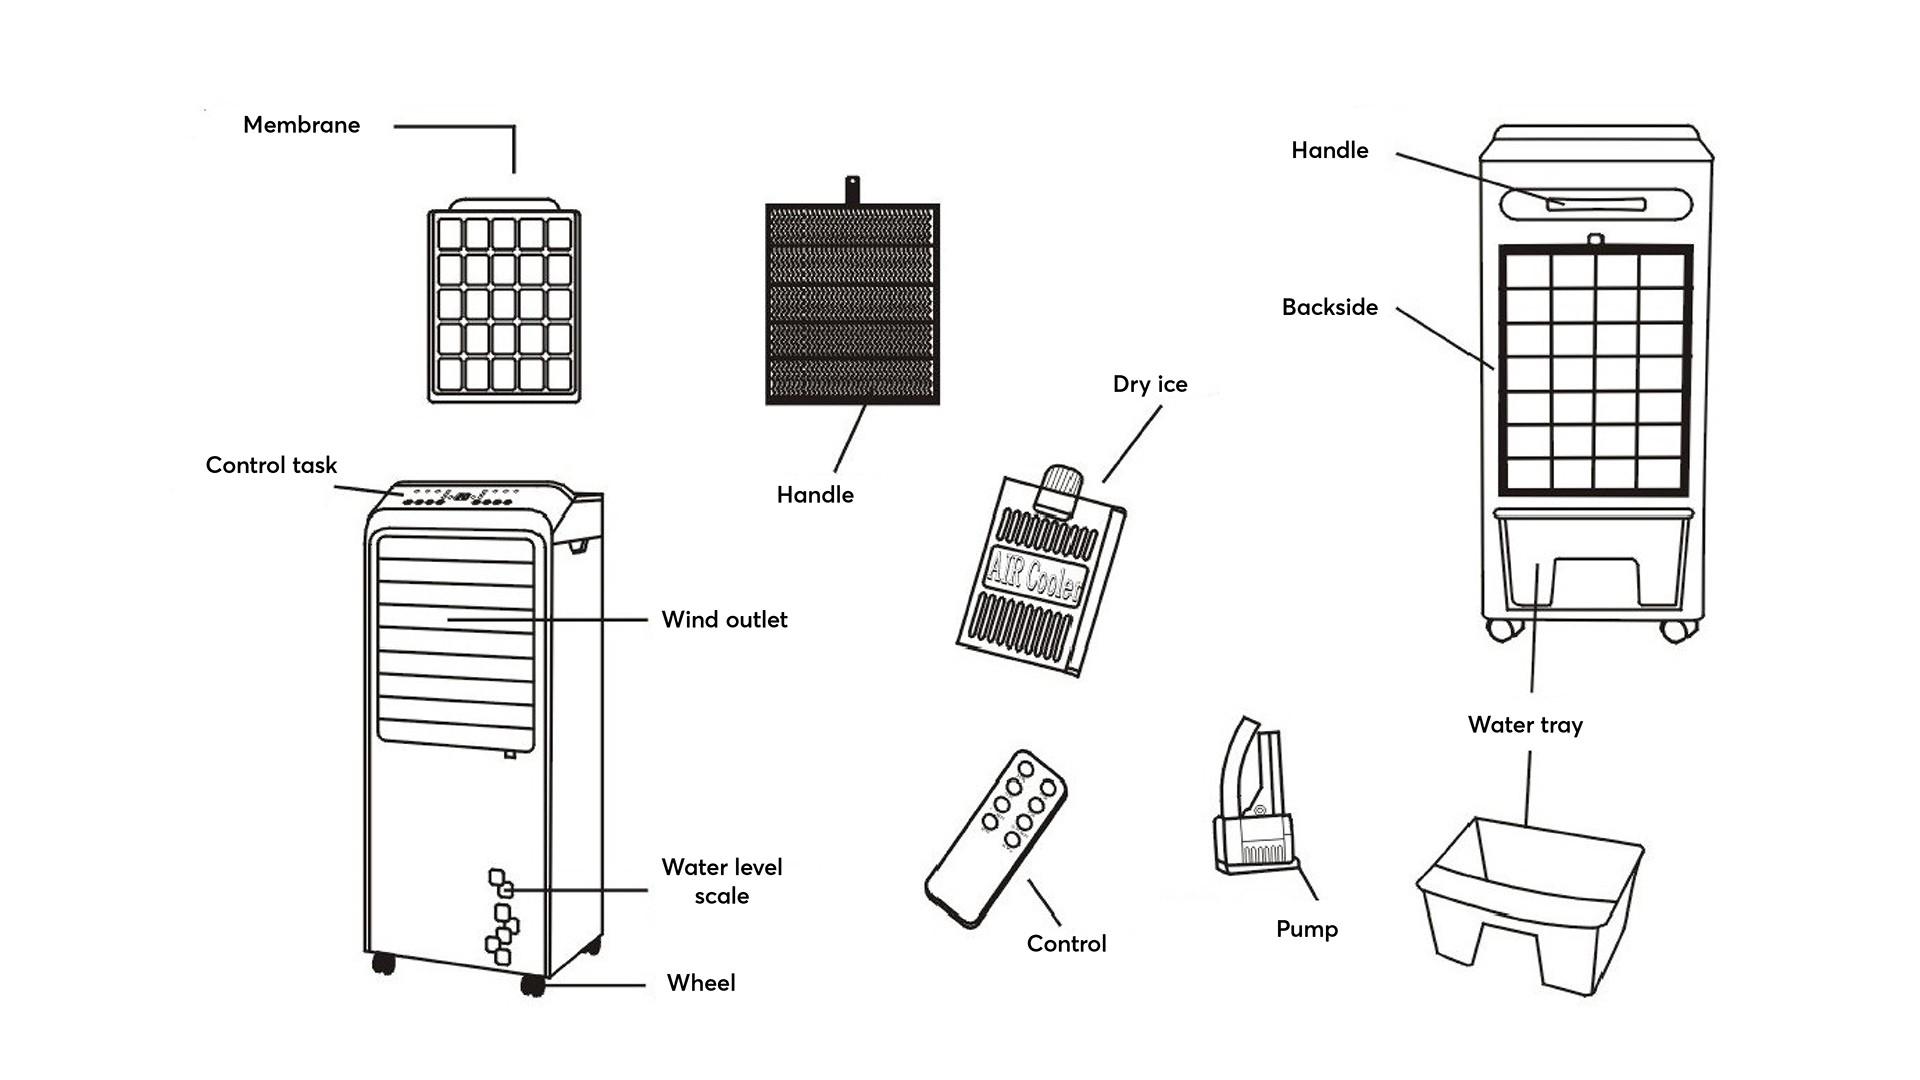 2-way-air-conditioning-fan-karofi-kac-020hr-5